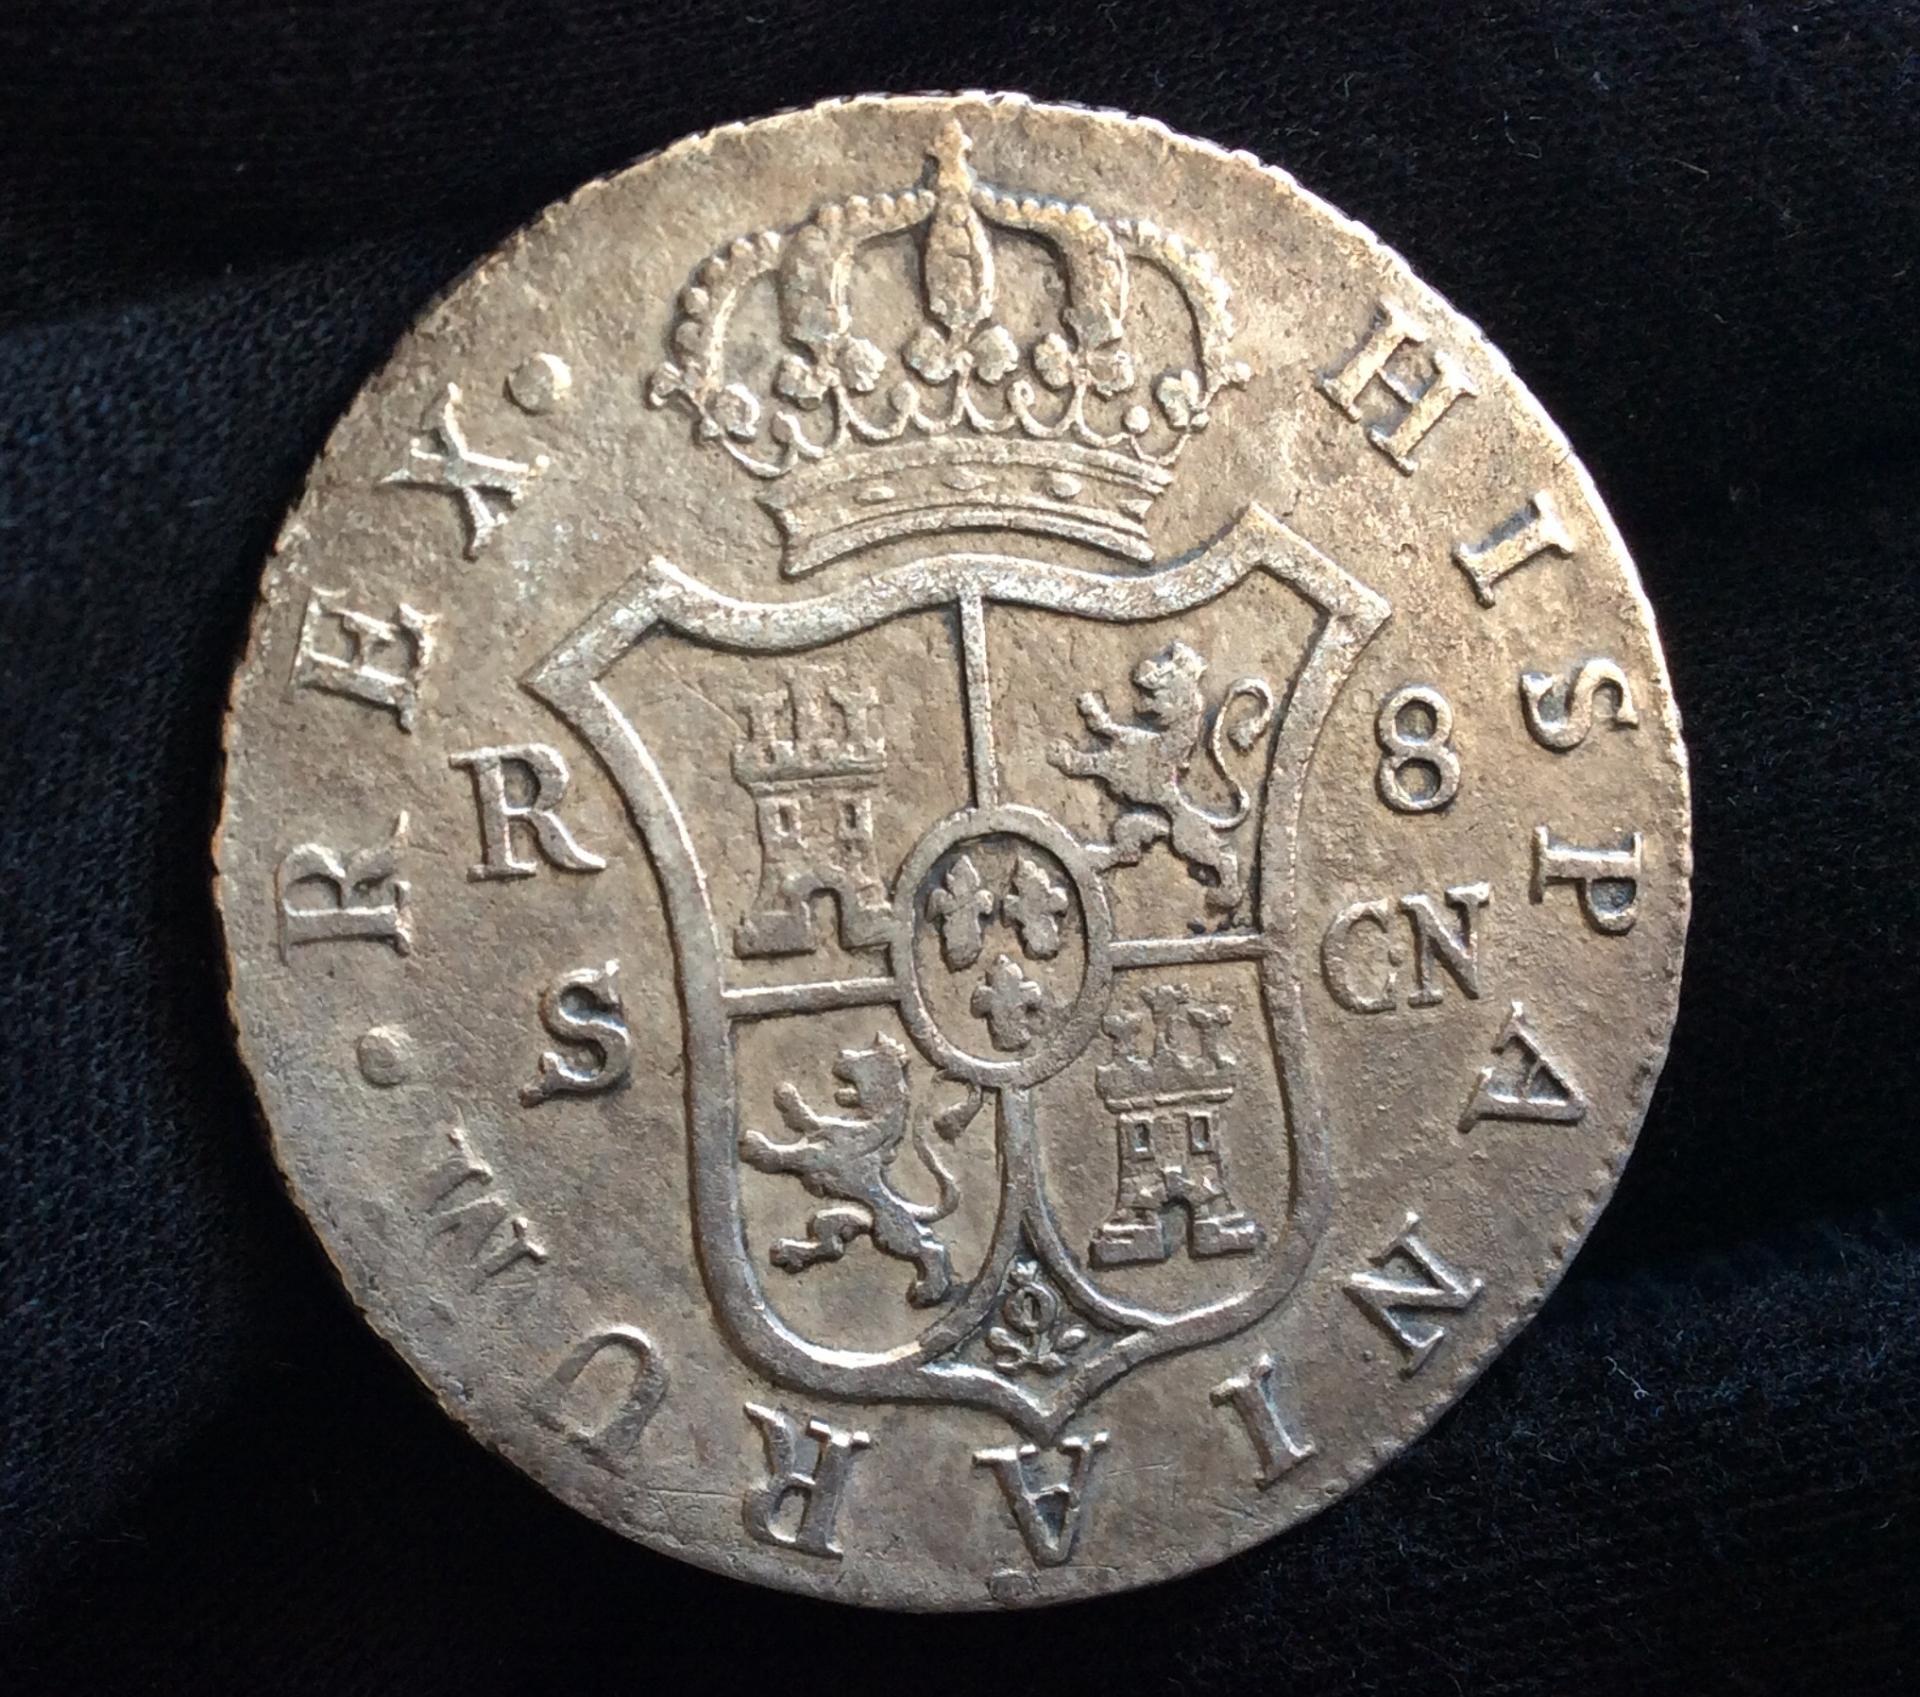 8 REALES 1808 - SEVILLA - FERNANDO VII